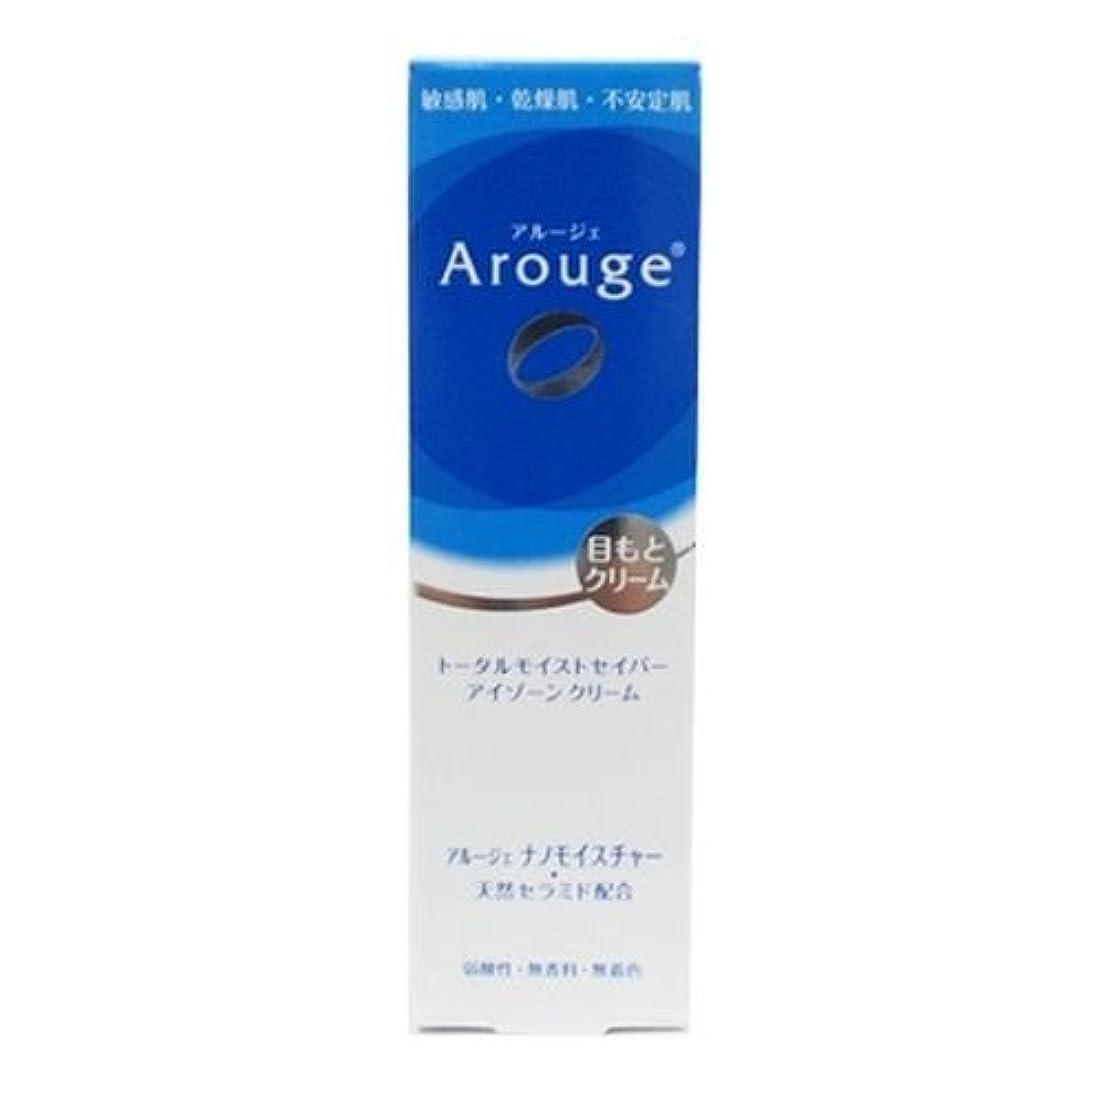 モザイク沿って宣伝アルージェ(Arouge)トータルモイストセイバー アイゾーンクリーム 15g